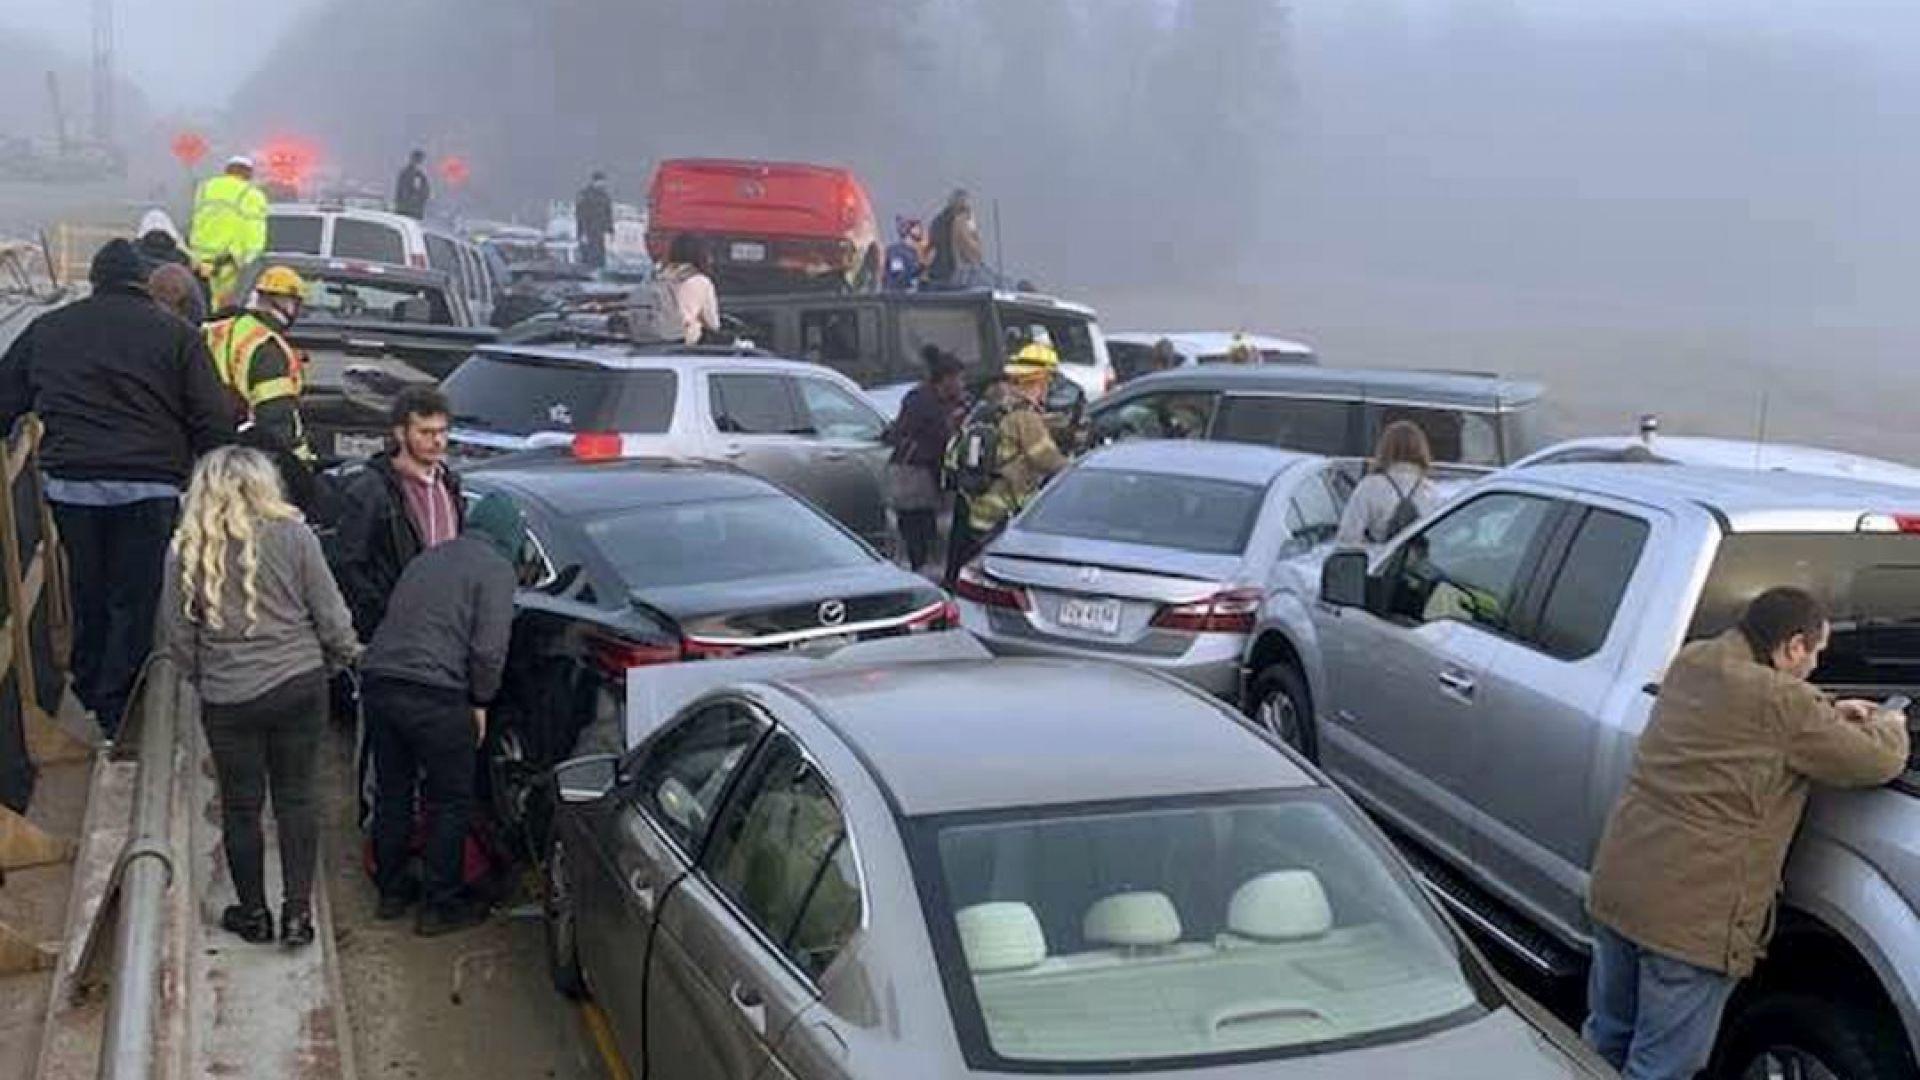 Верижна катастрофа с 63 автомобила и десетки ранени в САЩ (снимки+видео)